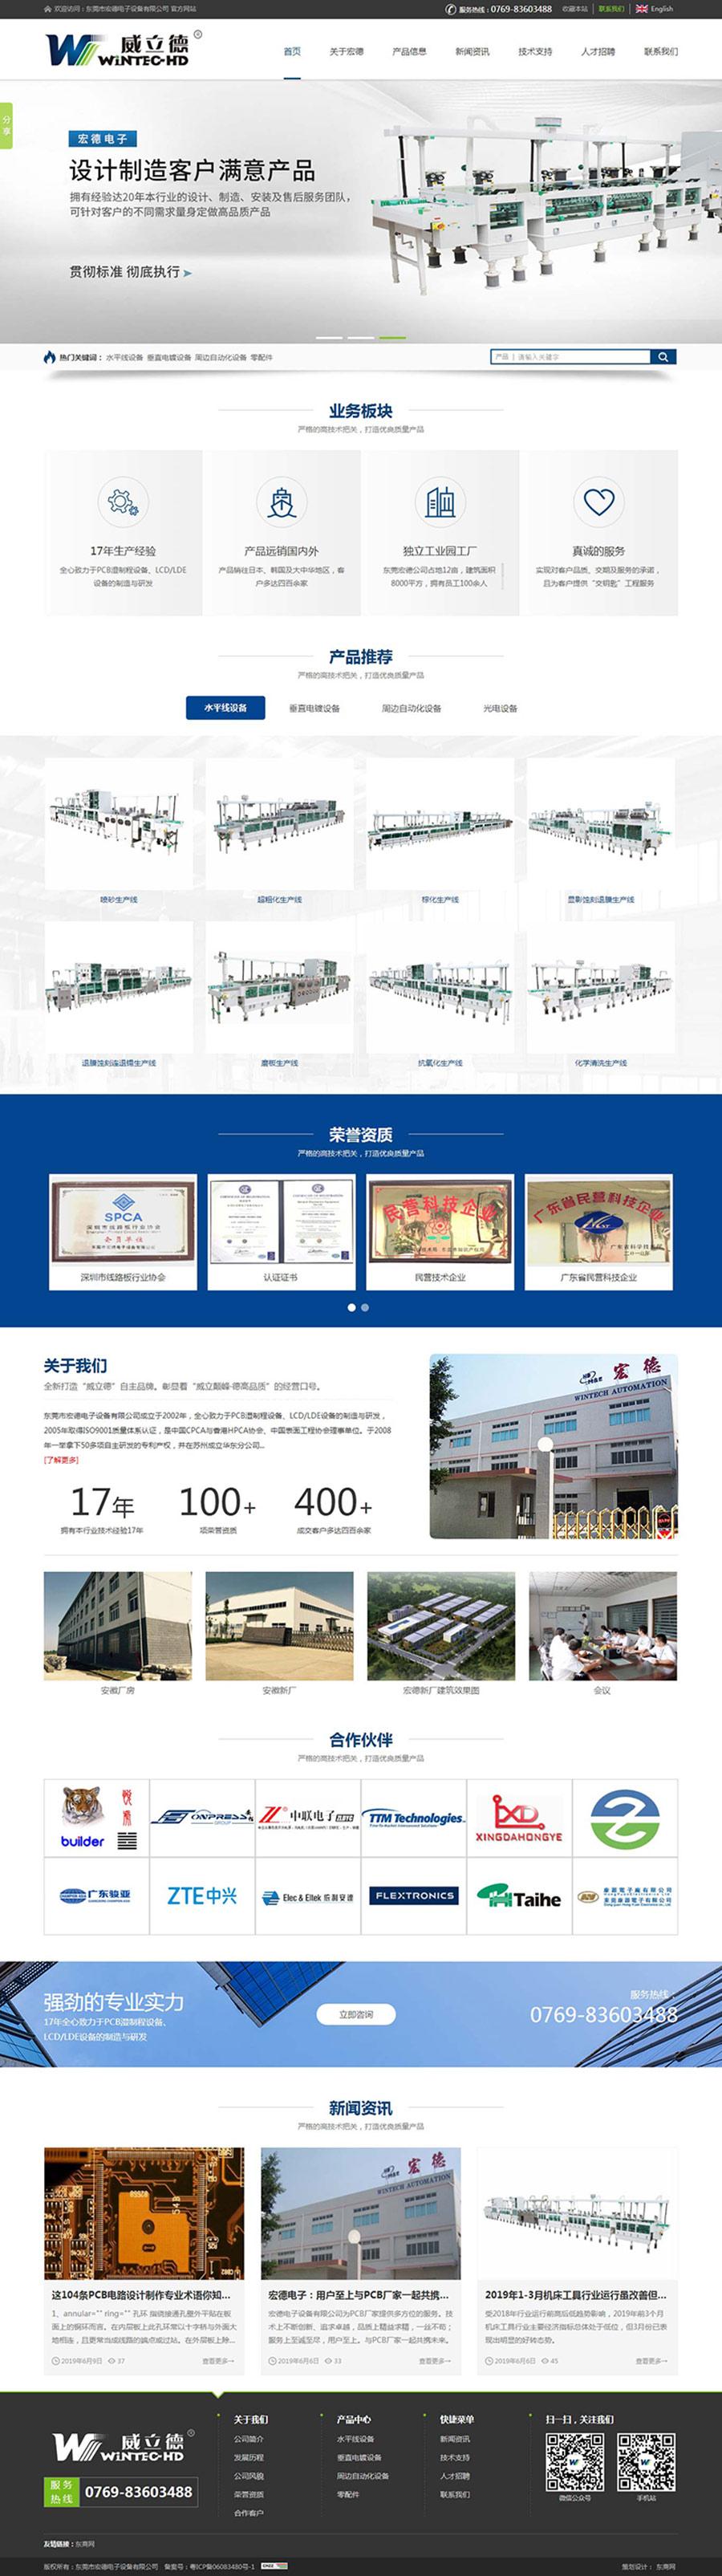 东莞市宏德电子设备有限公司-致力于PCB湿制程设备、LCD_LDE设备的制造与研发.jpg